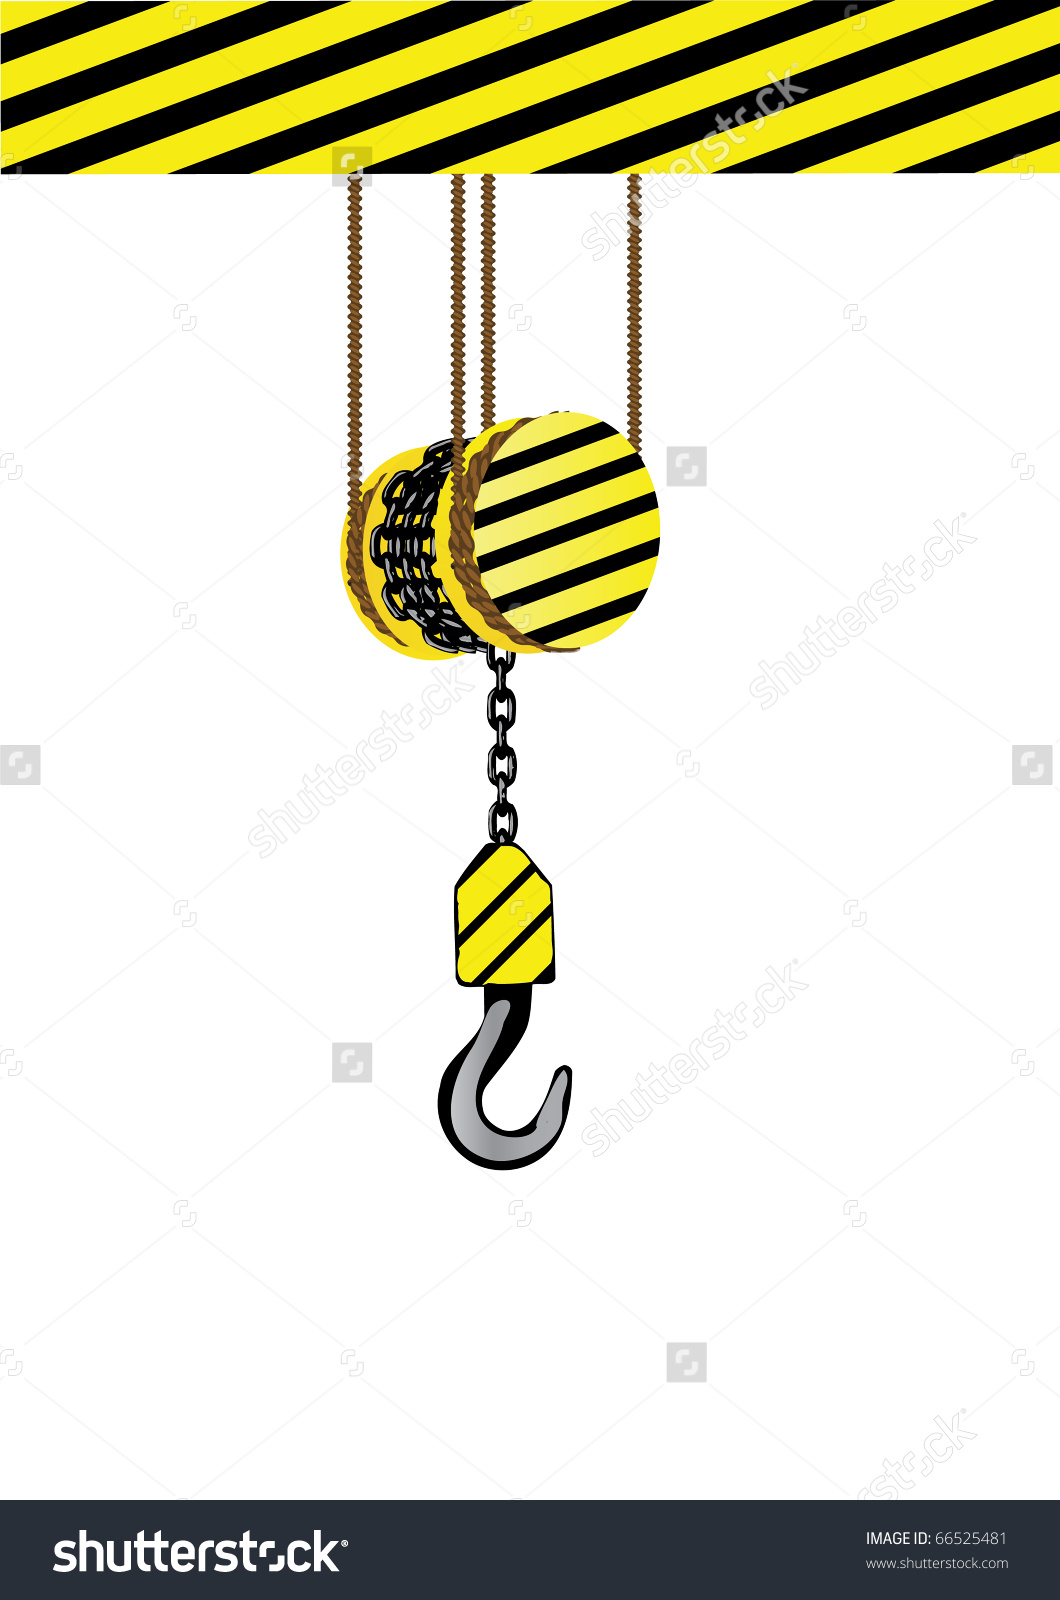 Illustration Iron Hook On Chain Stock Illustration 66525481.